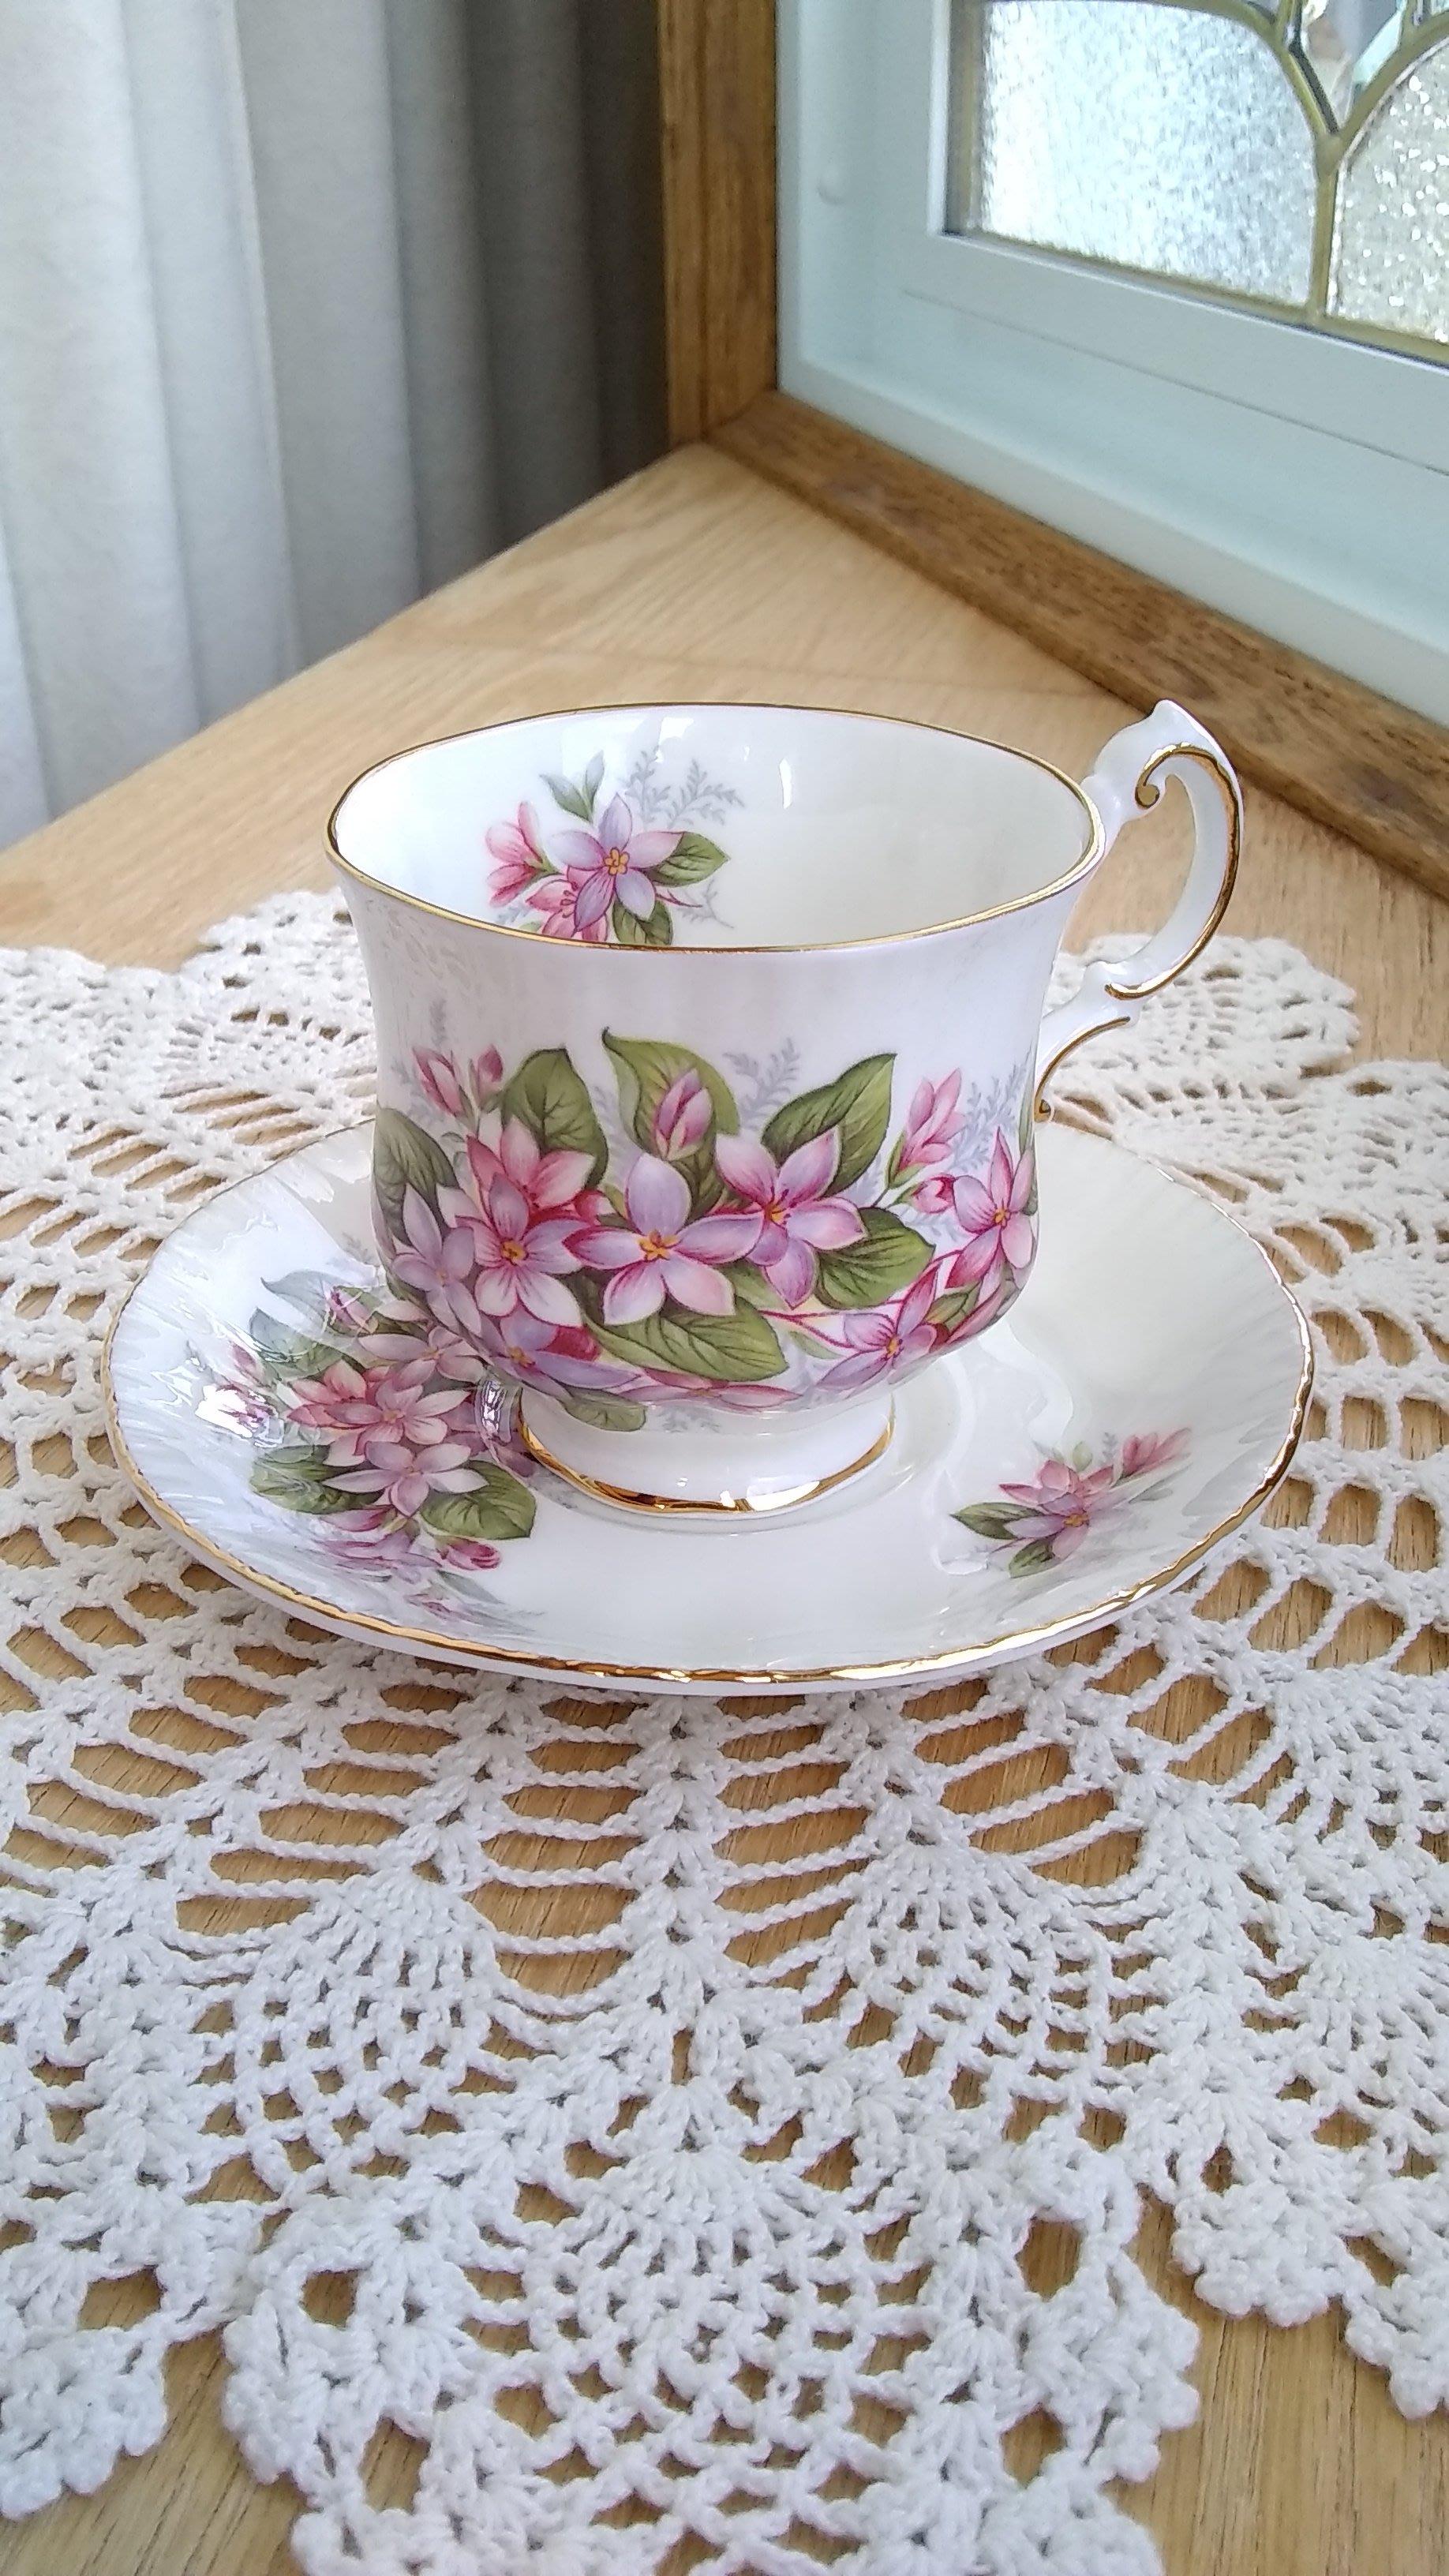 [華生小舖] 英國製 產品名:Paragon 派拉岡 五月花 (Mayflower) 細骨瓷 濃縮咖啡杯碟組